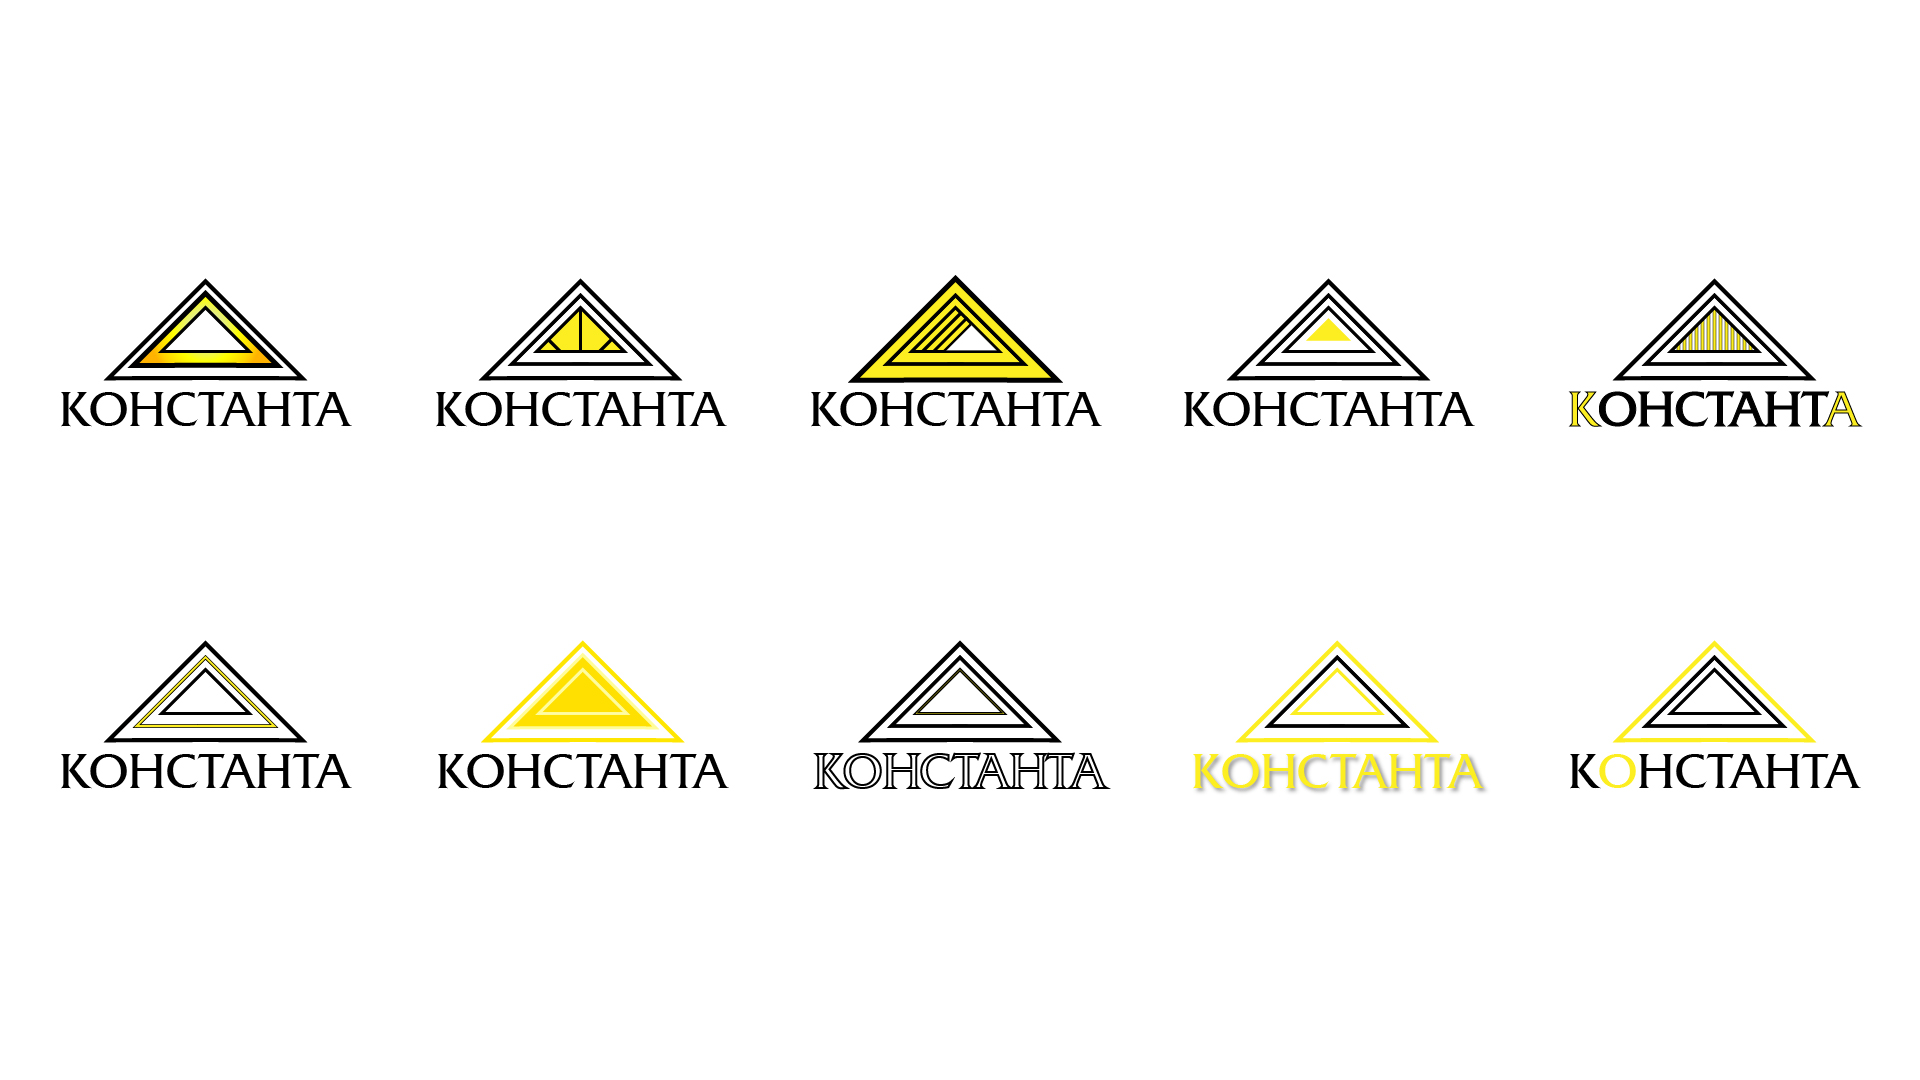 Логотип для юридической компании Константа (СПб) - 2020 год, вариант № 2